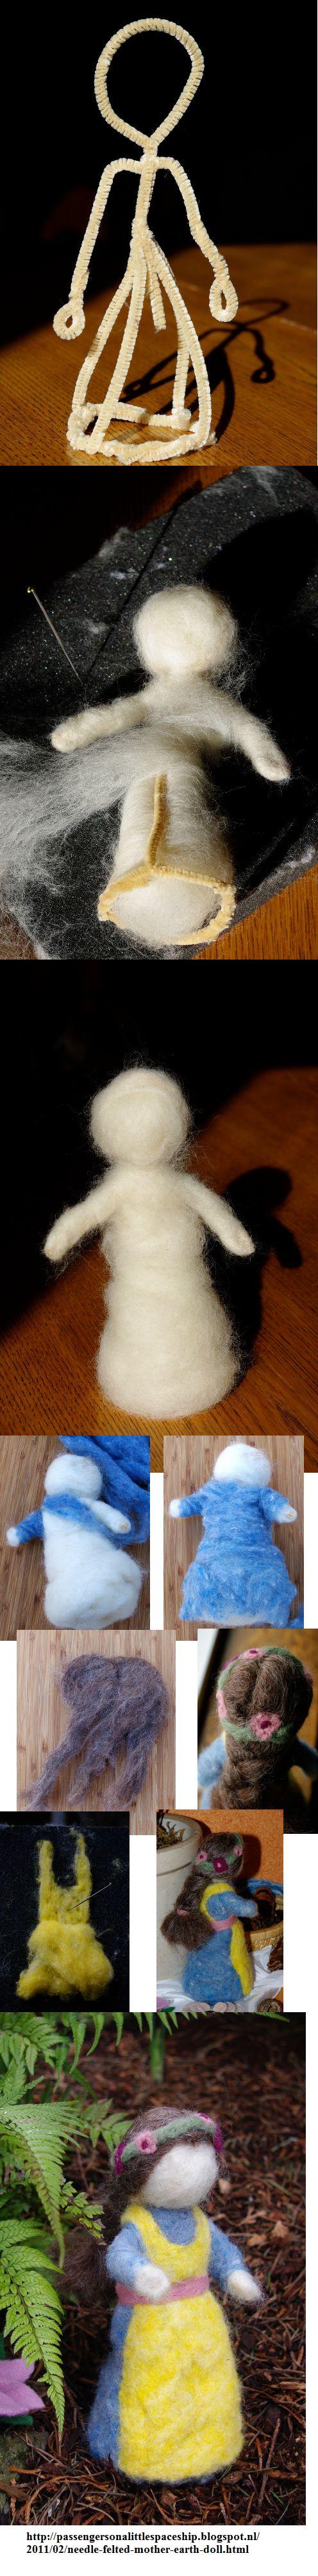 Armado muñecas